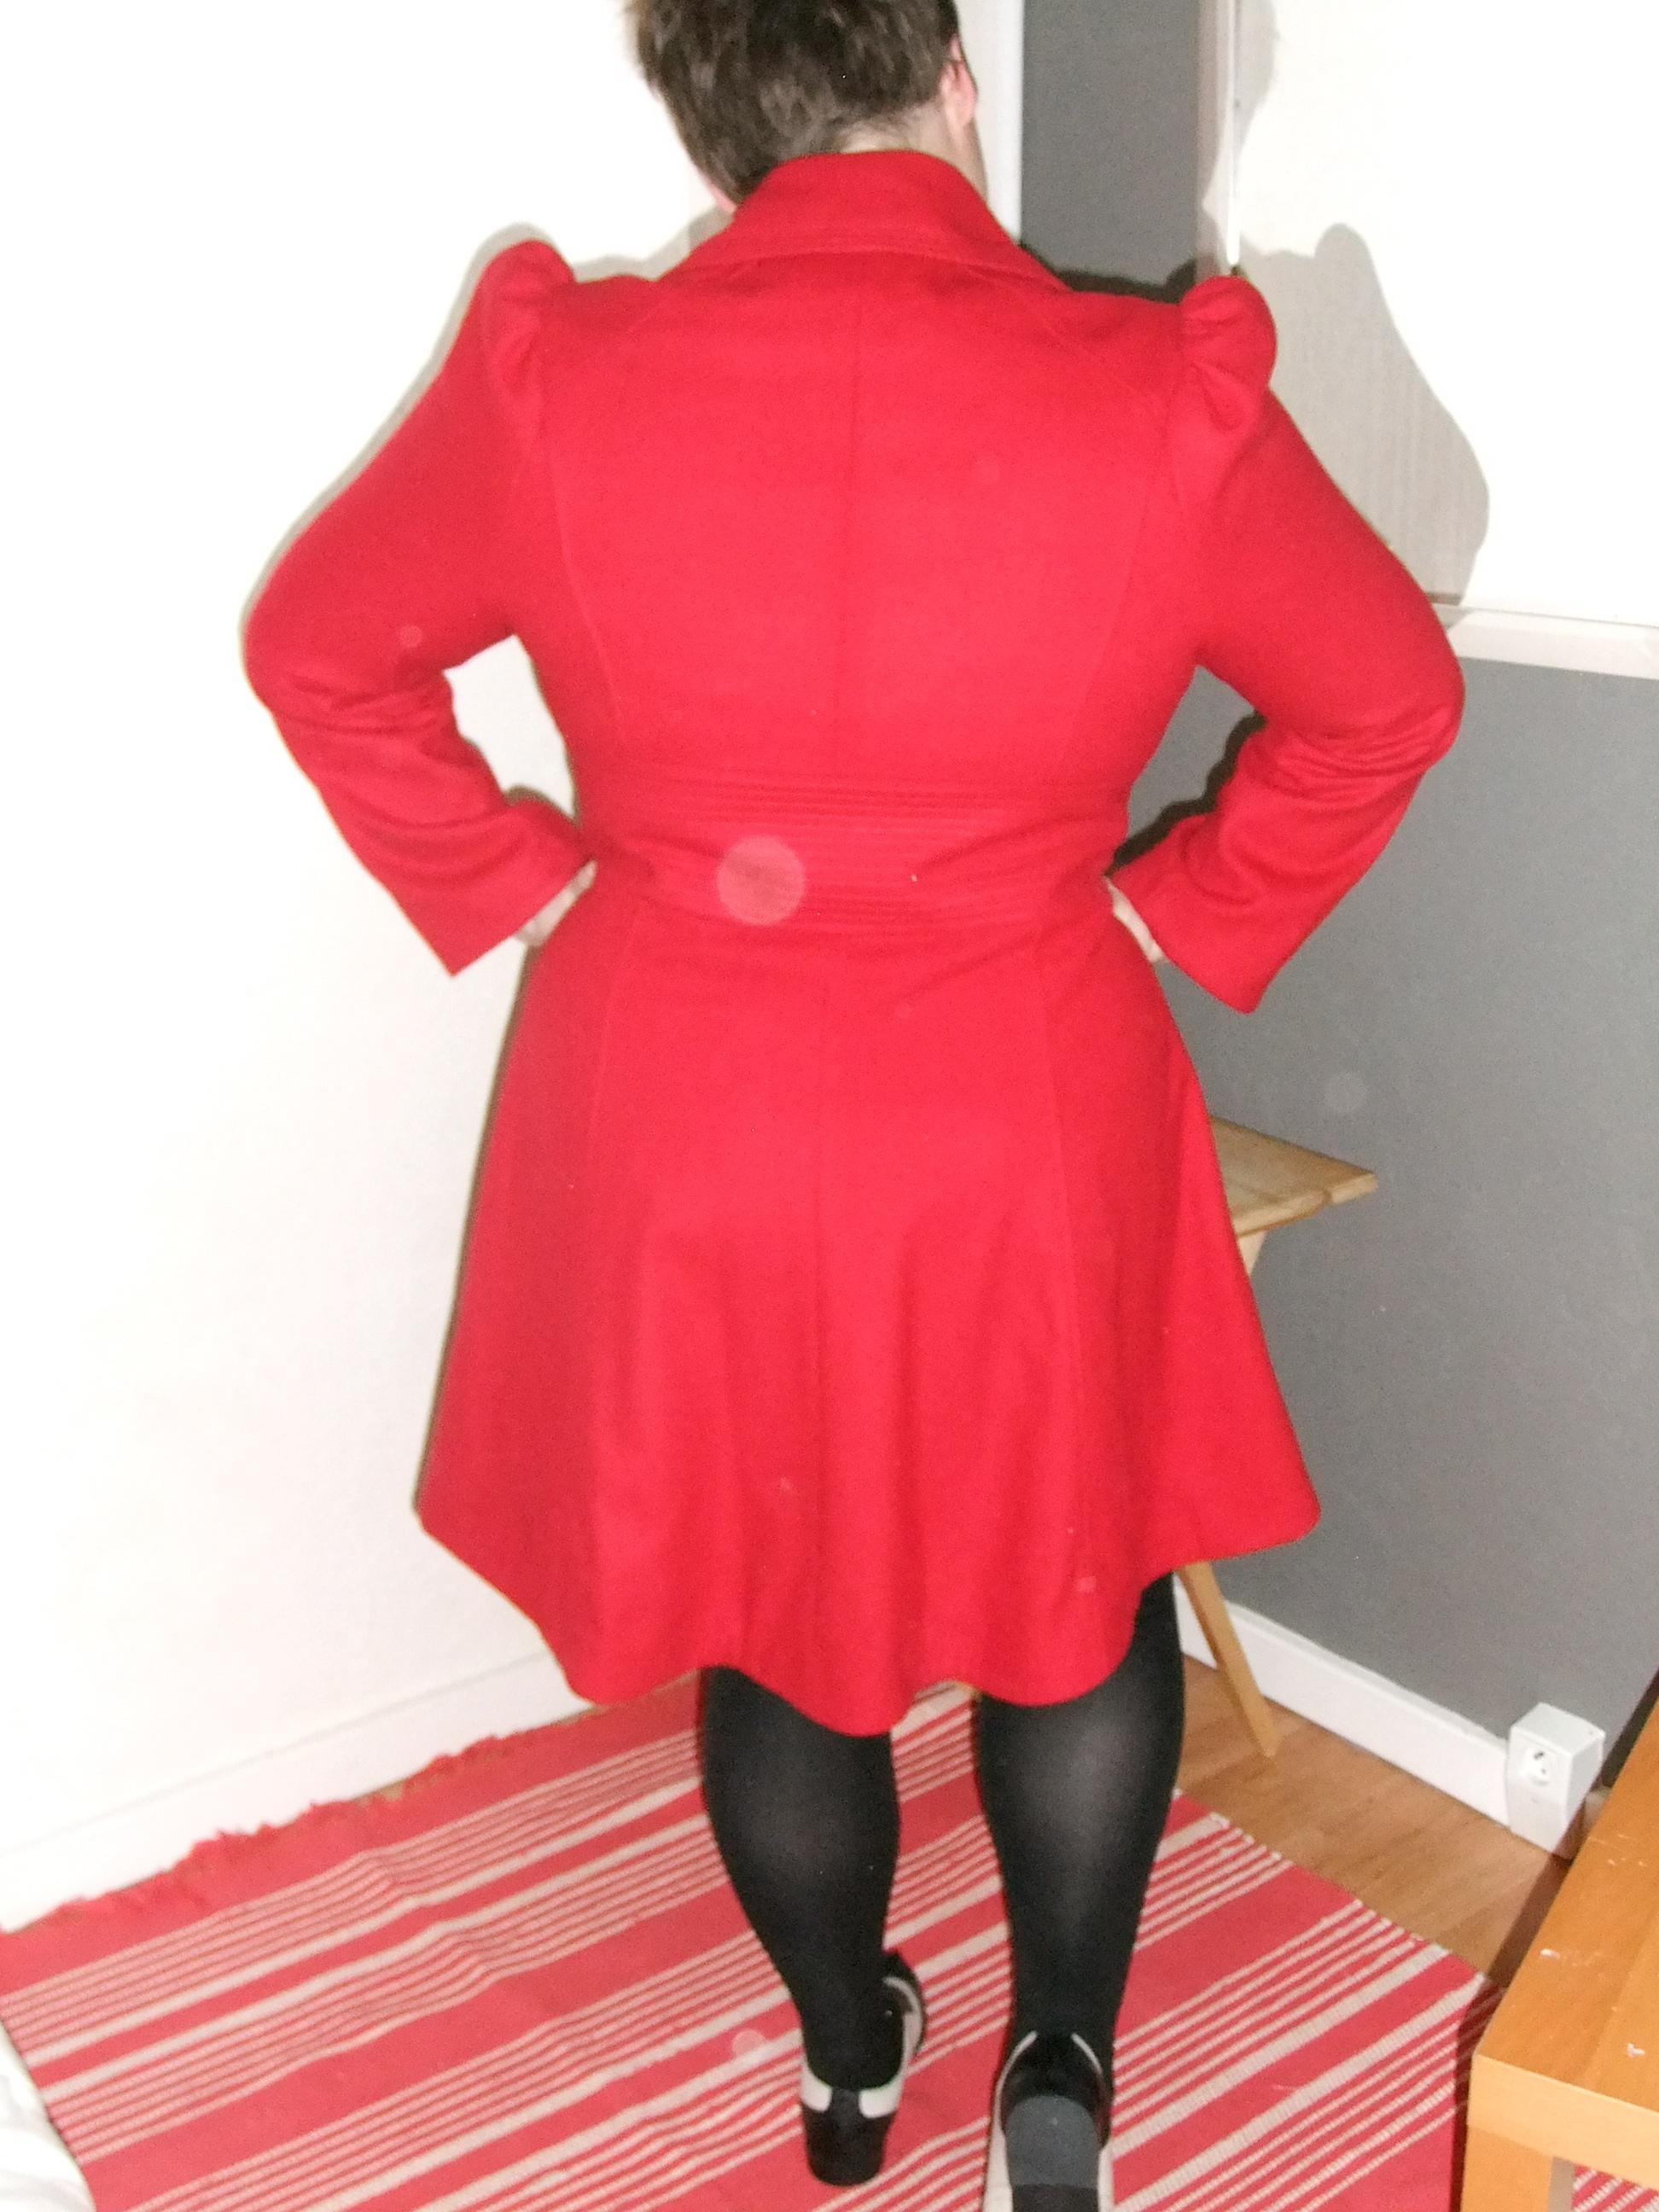 Toodaloo Katie: October 2010